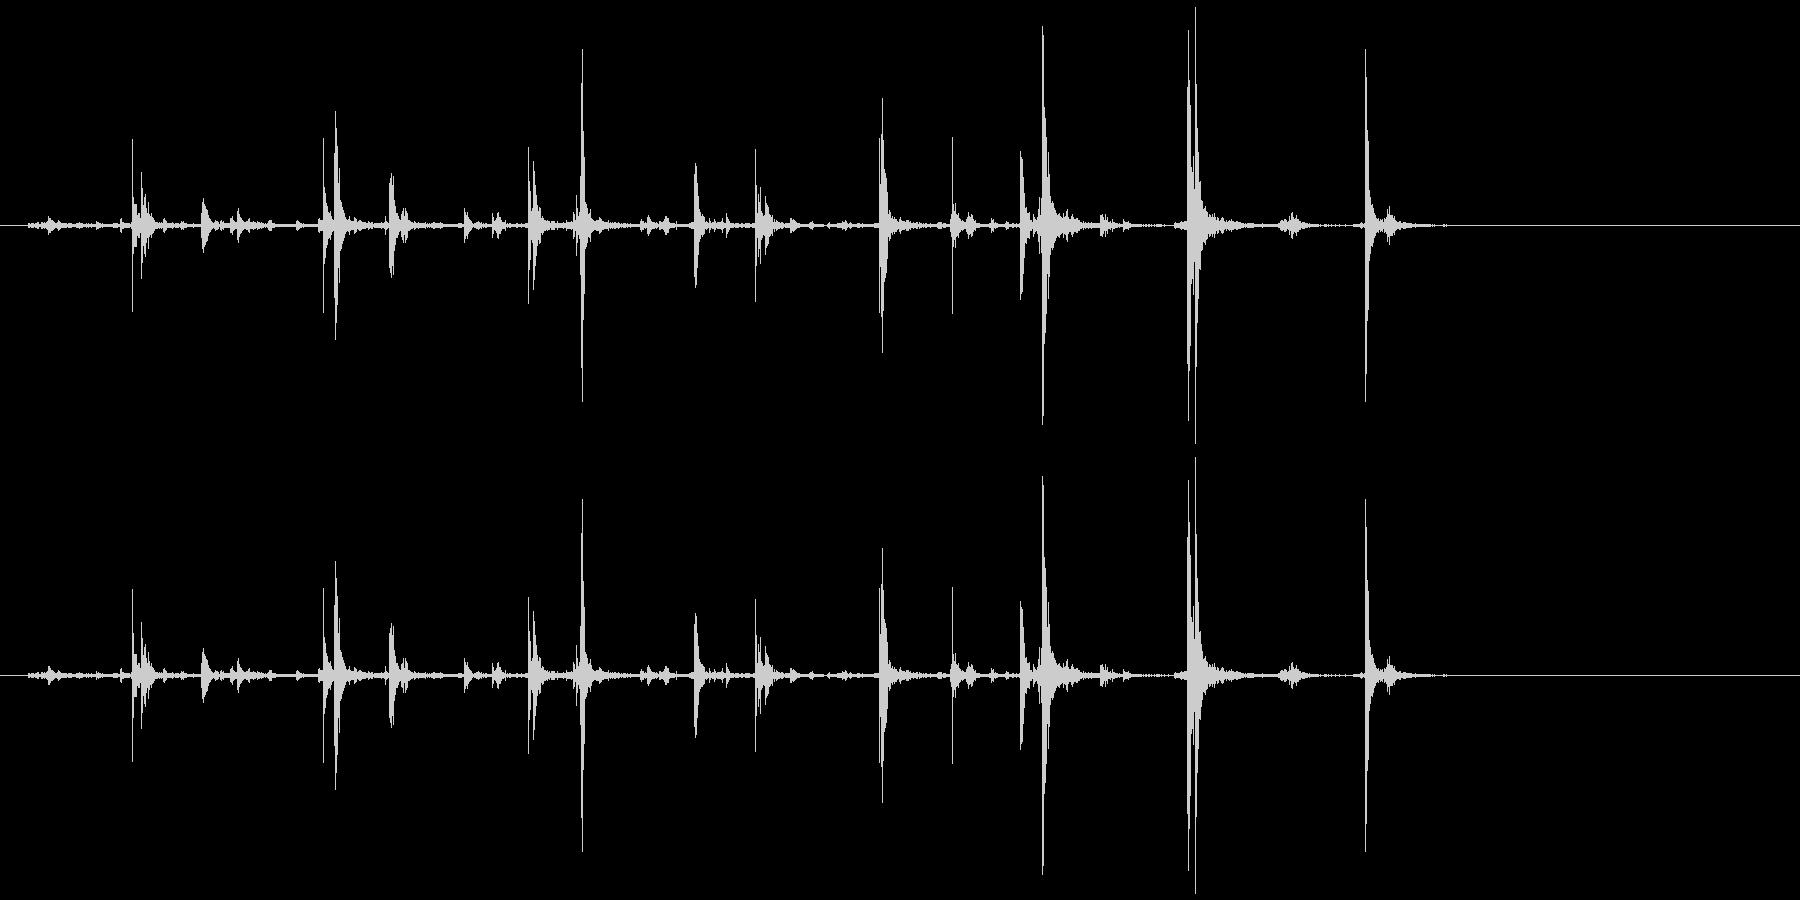 手挽きコーヒーミル 蓋カチャカチャ音の未再生の波形